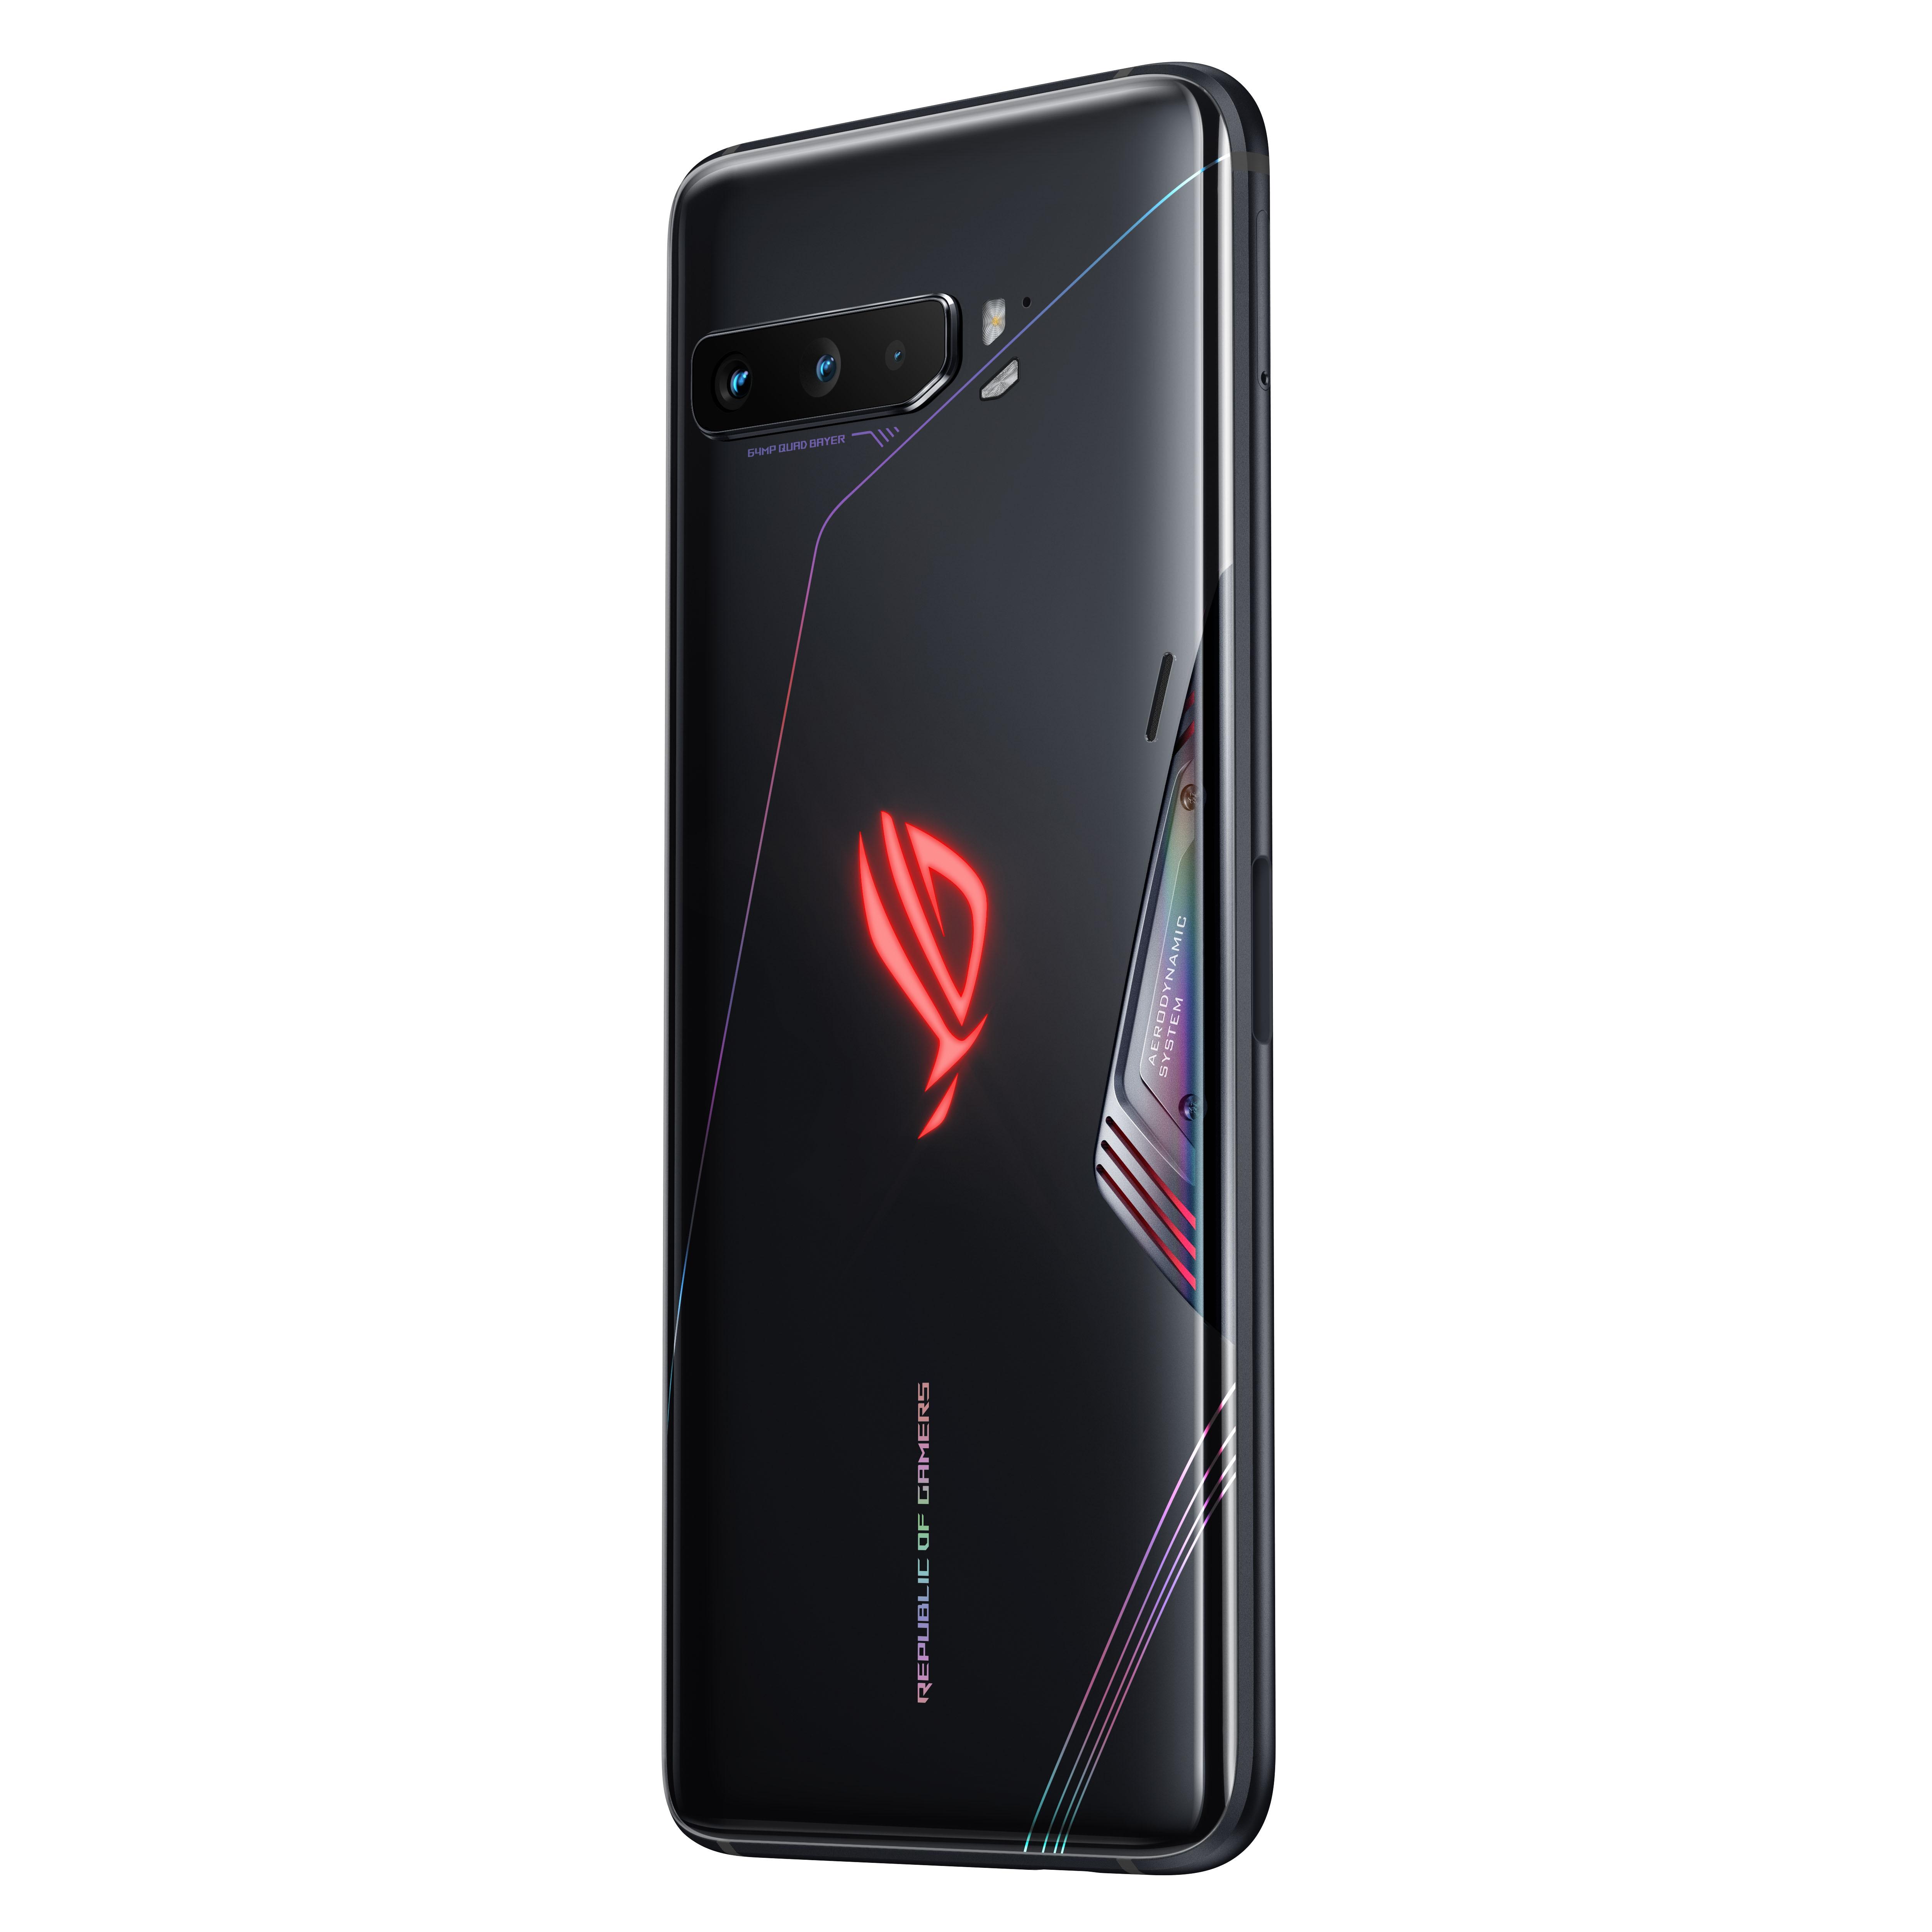 Фото2 - Глобальная версия ASUS ROG Phone 3 5G игровой телефон Snapdragon 865 плюс 8RAM 128ROM 6000 мА/ч, 144 Гц 2SIM карта NFC ROG3 смартфон